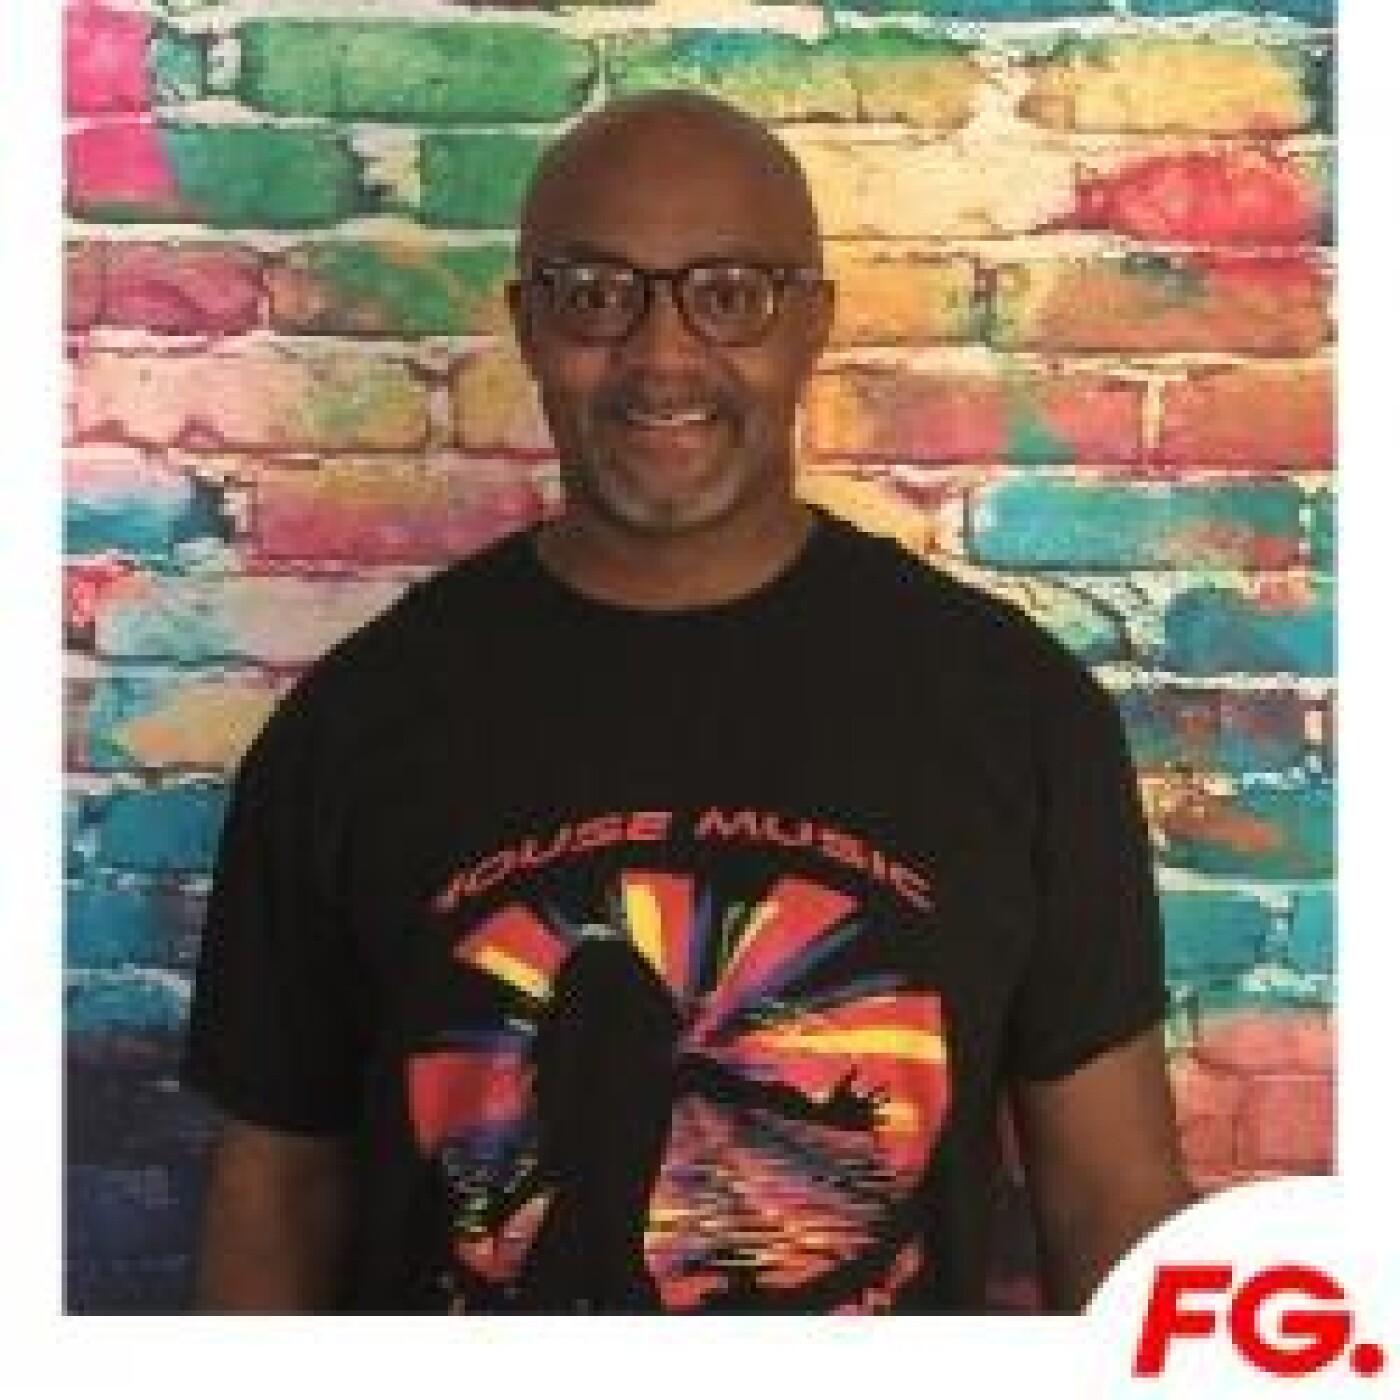 CLUB FG : MOREESE